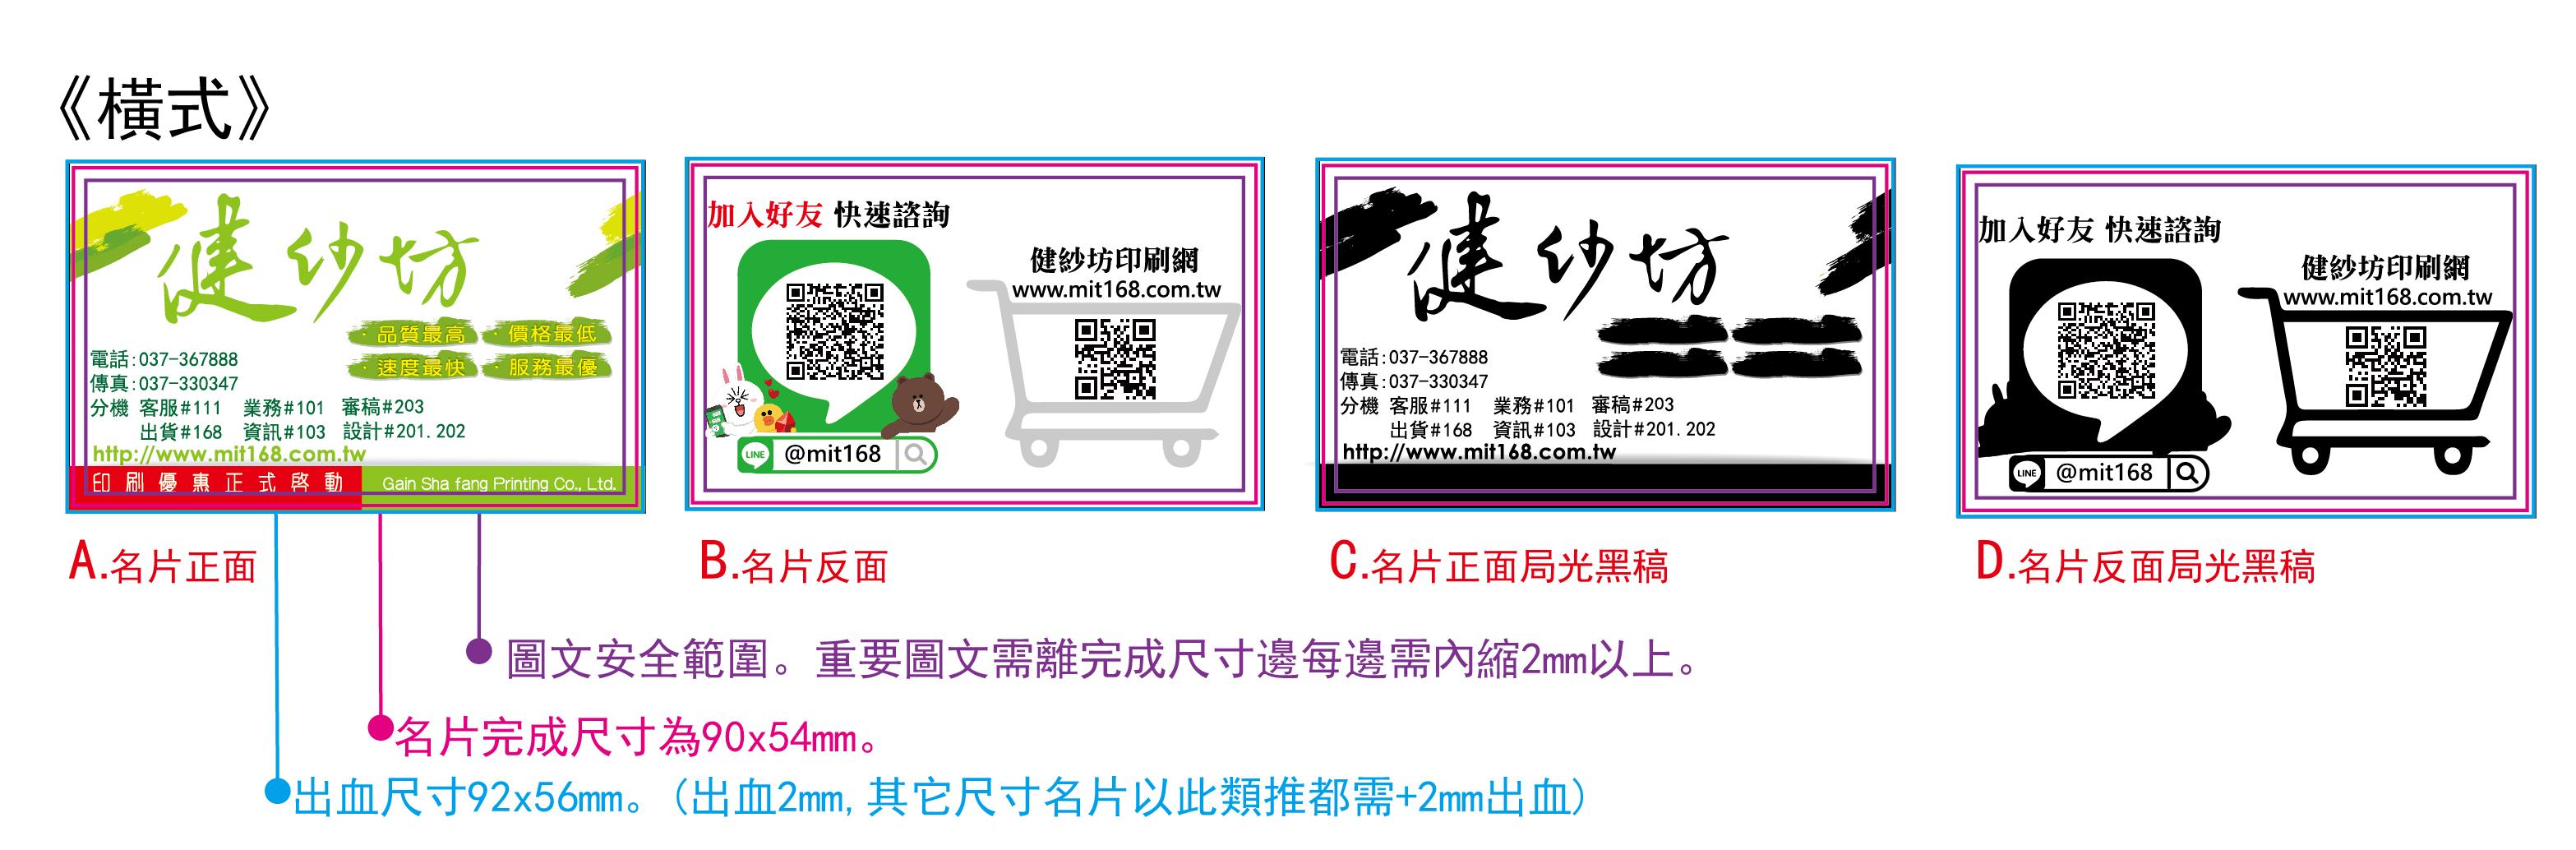 網站局部光稿橫式範例-02.jpg